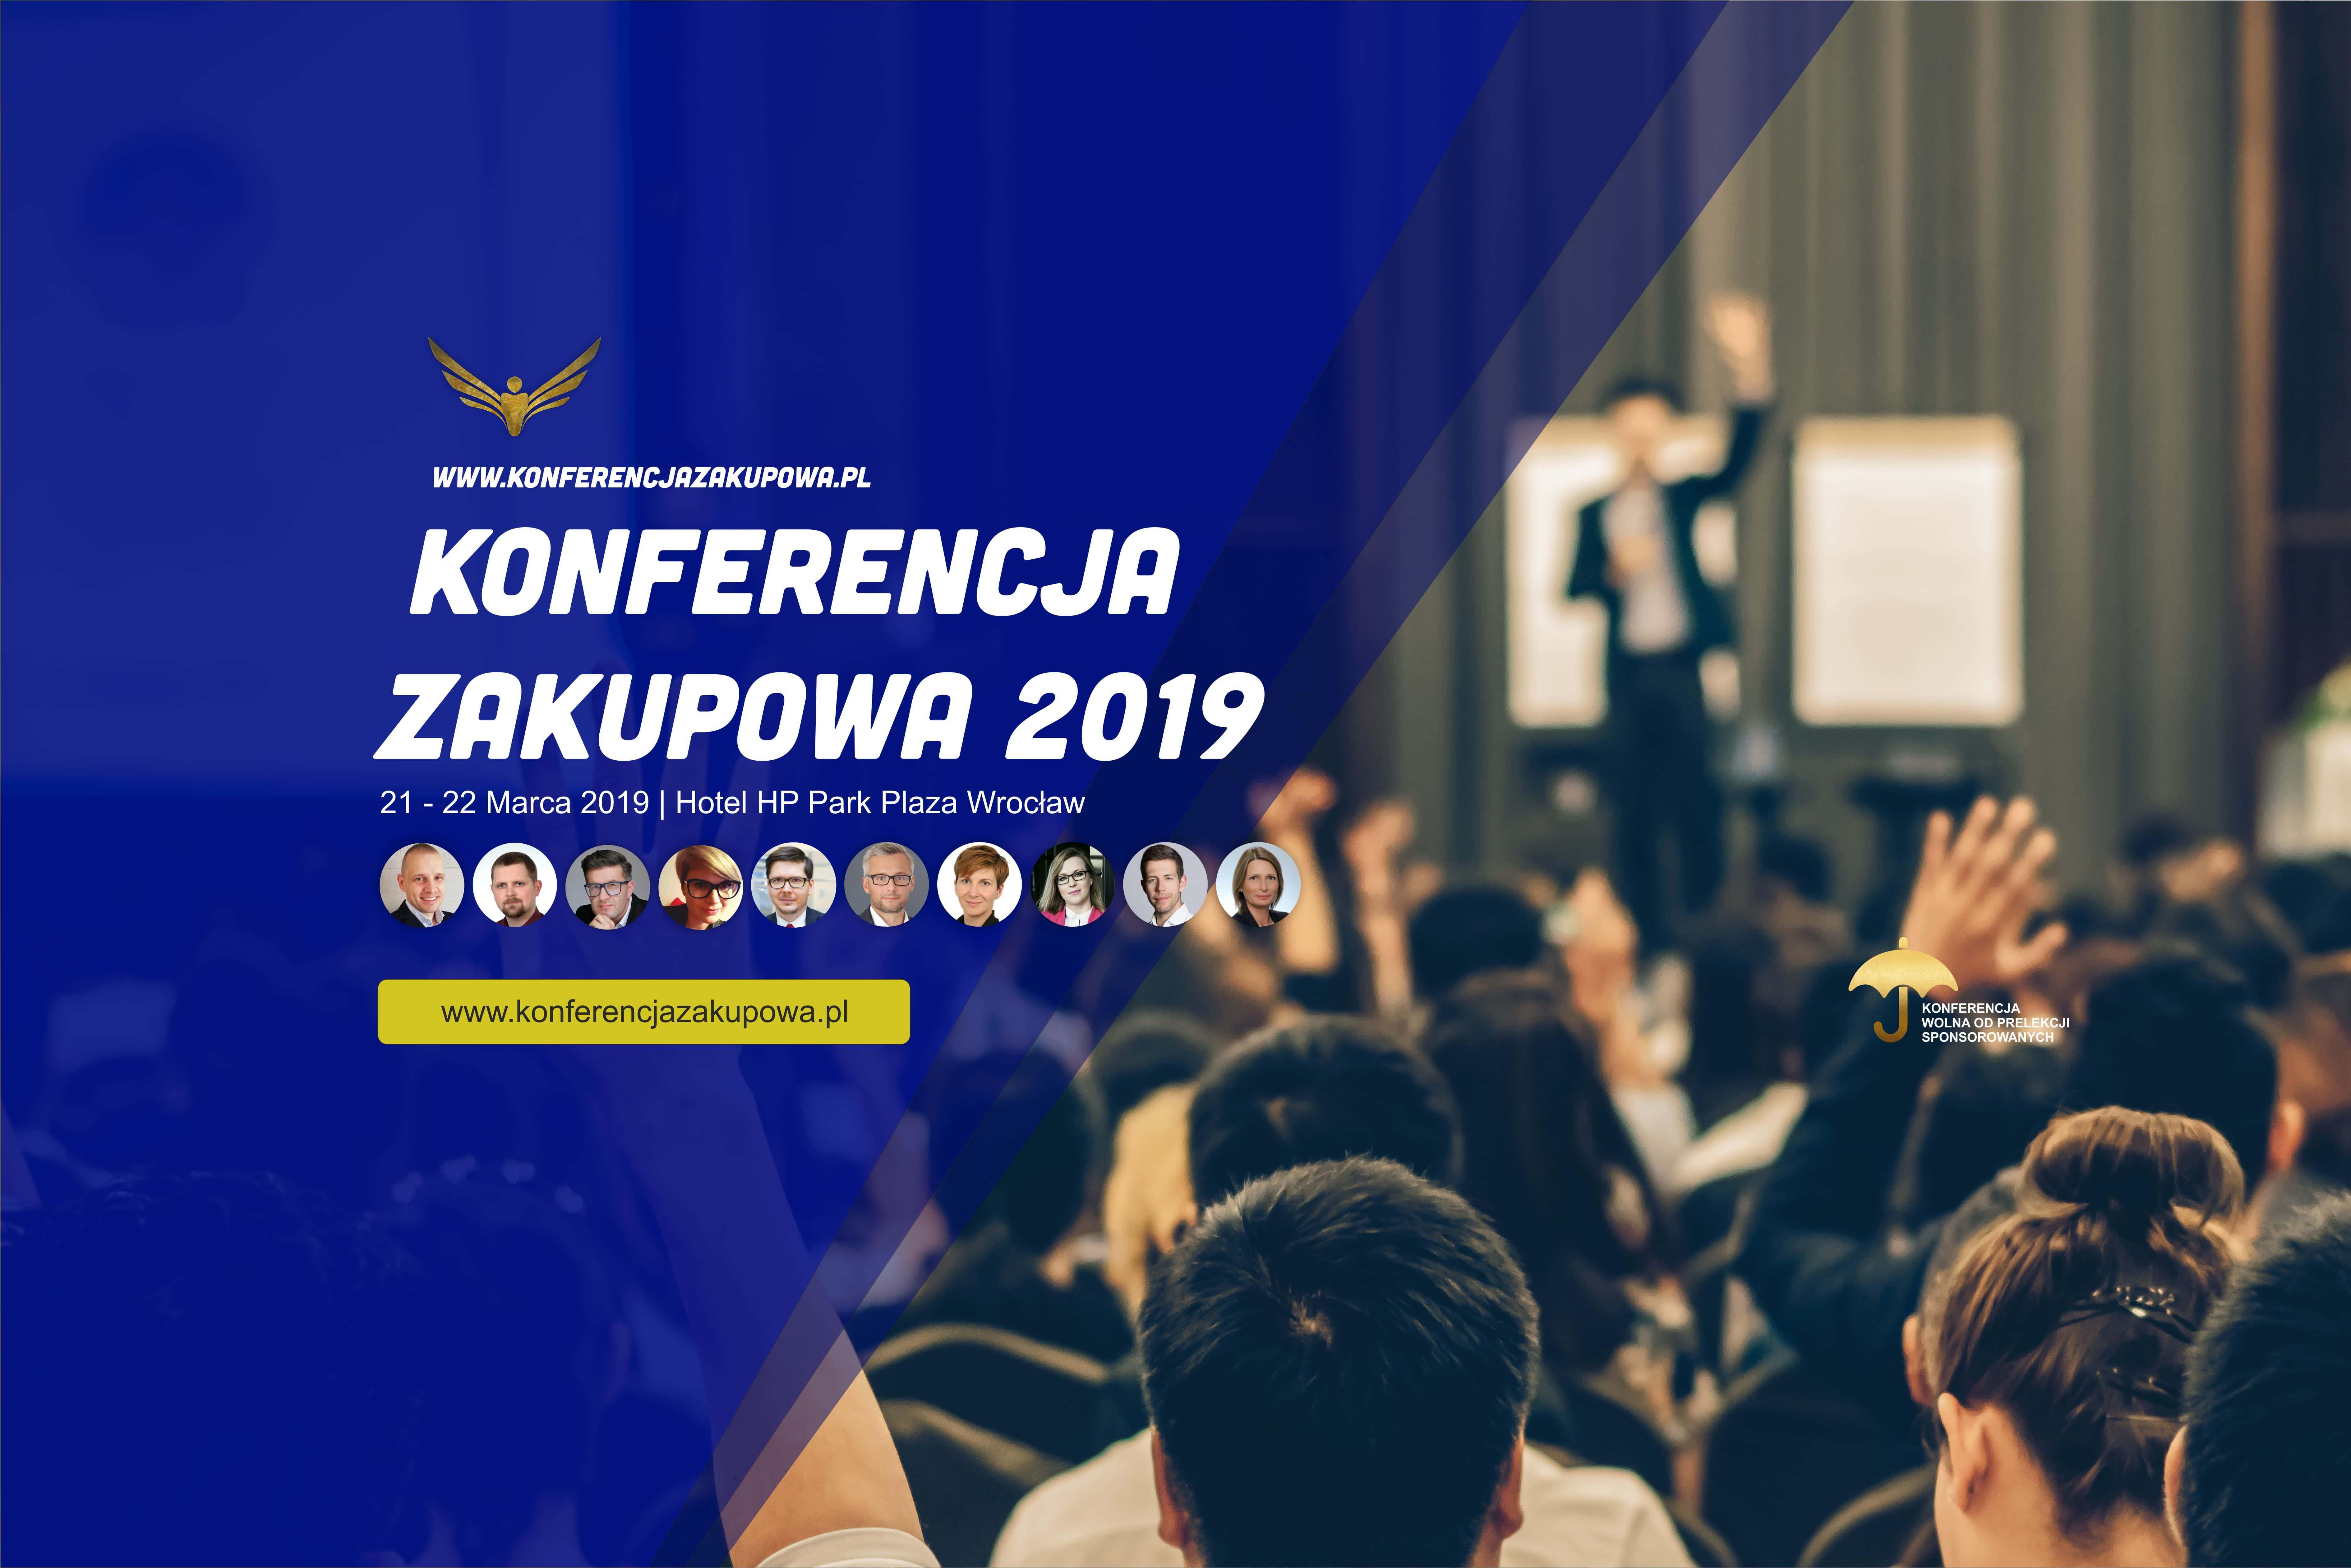 procurement angels konferencja zakupowa 2019 forum zakupów